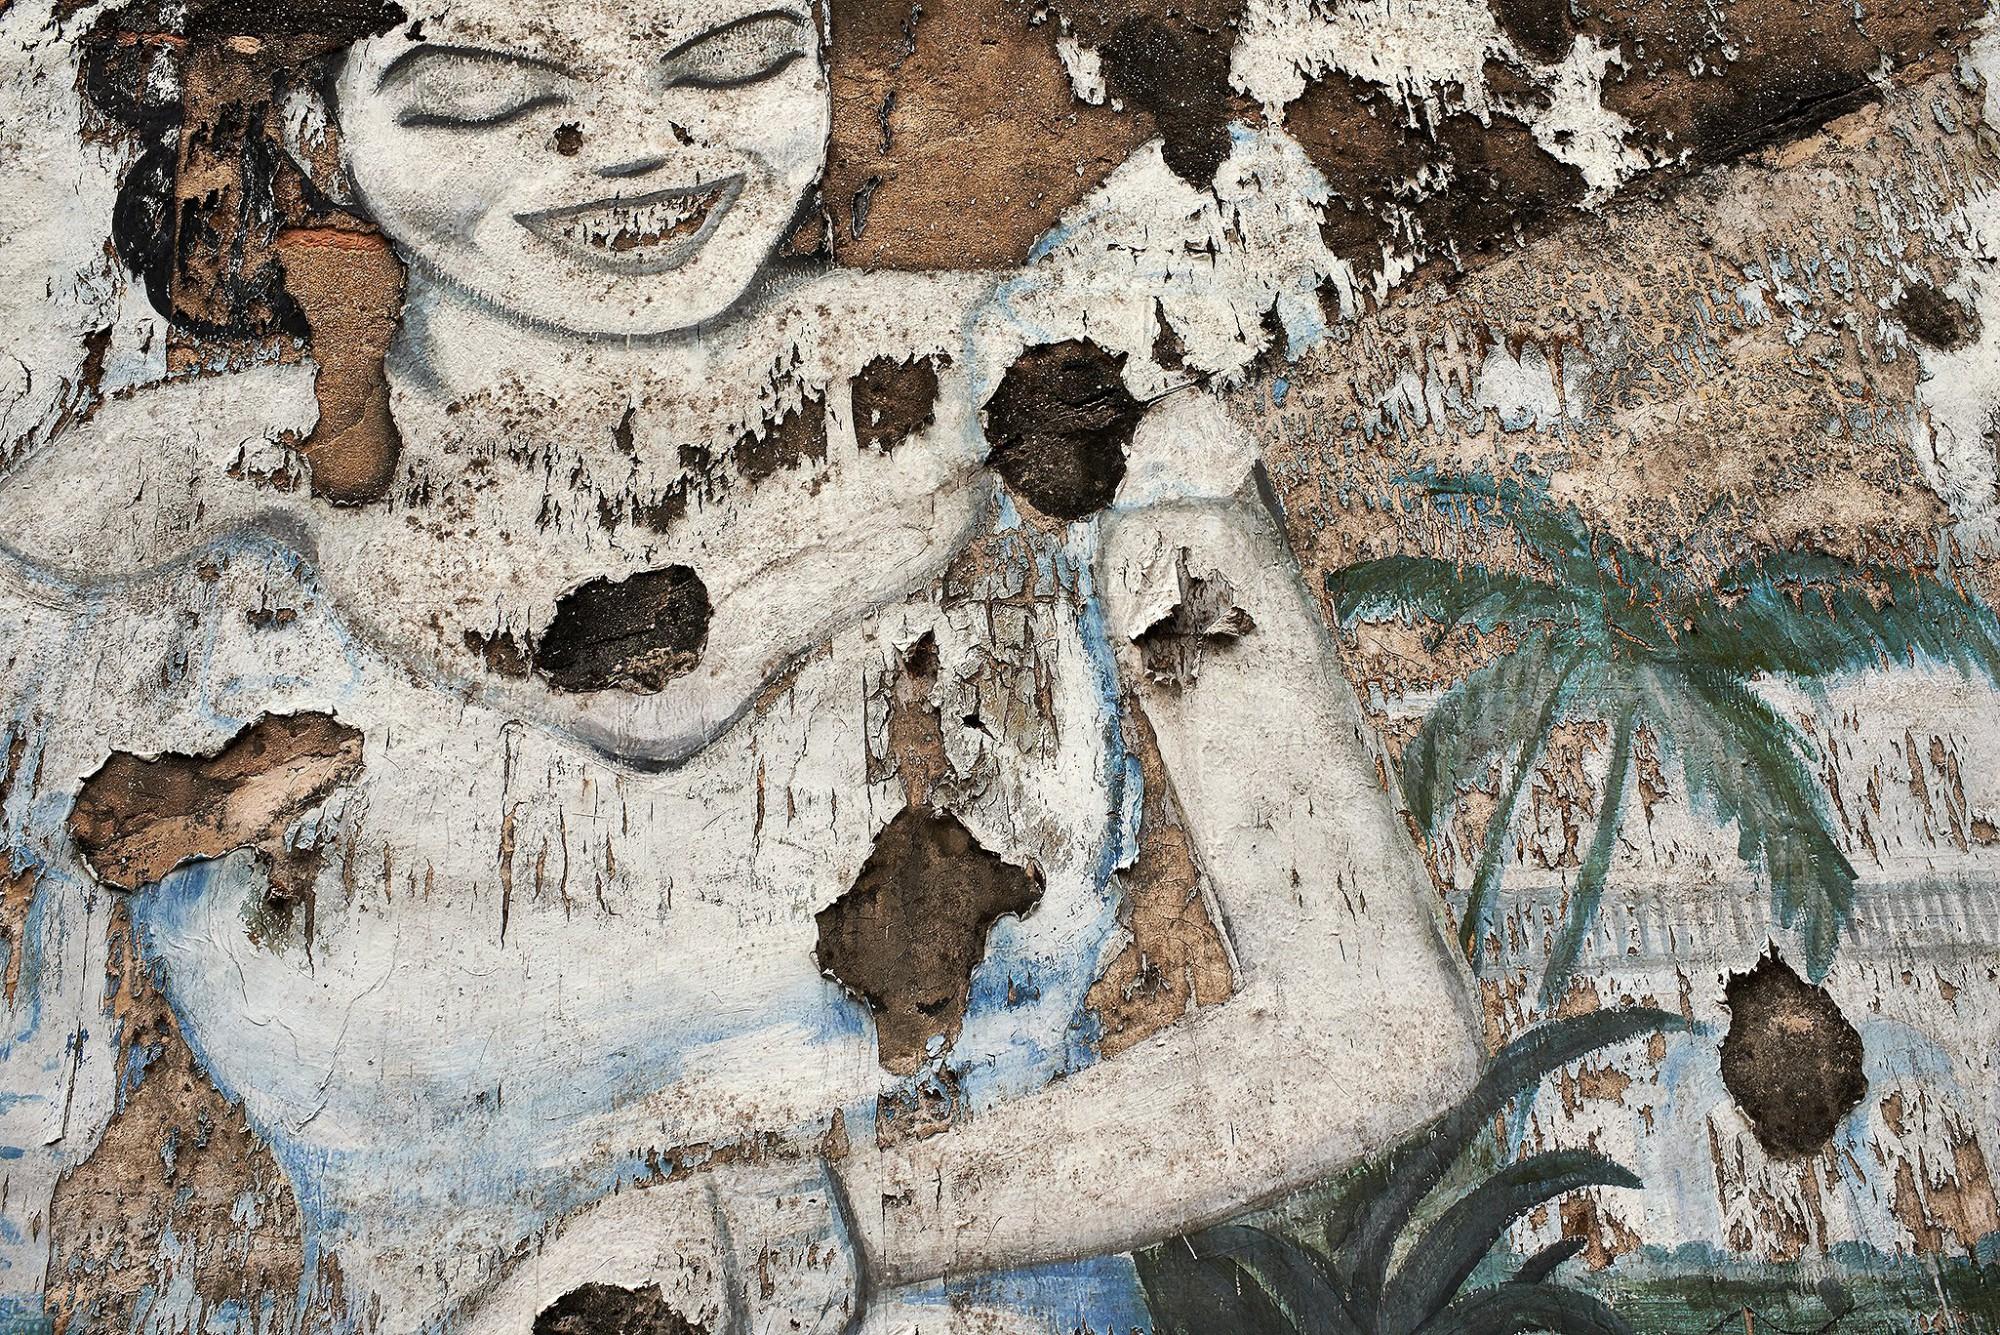 Afbeelding: Fotokunst Dominique Van Huffel, uit de reeks: Muren van geschiedenis. Thailand.